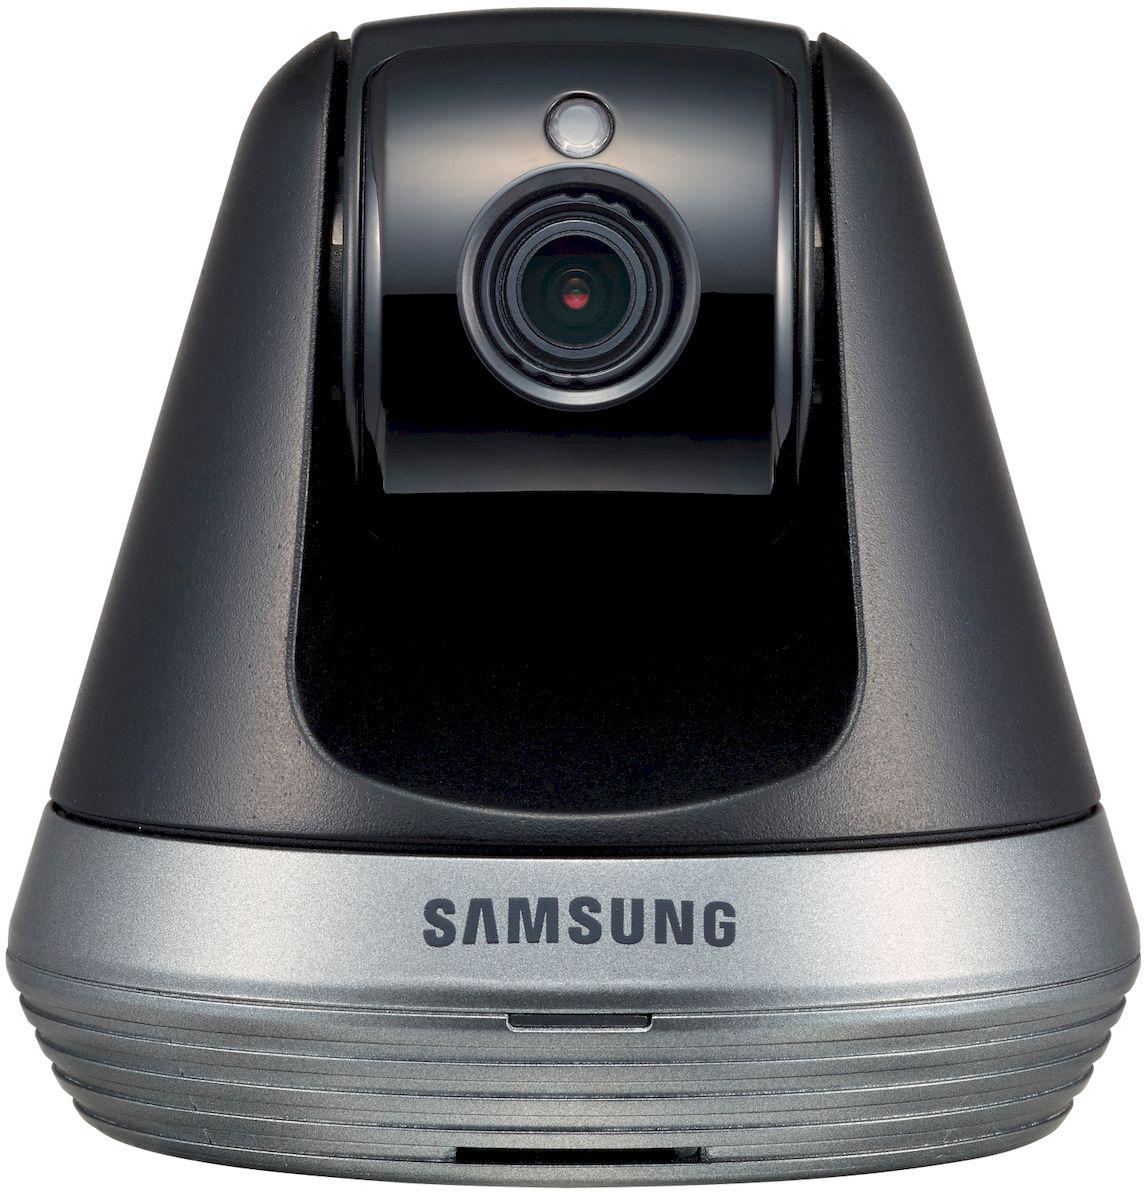 Samsung Видеоняня SmartCam SNH-V6410PNSNH-V6410PNВидеоняня от всемирно известной торговой марки Samsung. Оснащена всеми необходимыми функциями для комфортного и безопасного удаленного контроля за ребенком. Wi-Fi видеоняня непрерывно отслеживается звуки и движение в детской комнате. Если ваш малыш расплачется или, проснувшись начнет двигаться, то видеоняня Samsung незамедлительно оповестит вас с помощью уведомления на смартфоне, планшете или персональном компьютере. Видеоняня Samsung SmartCam SNH-V6410PN представляет из себя камеру, которая подключается к домашней сети Wi-Fi, а родительским блоком выступает ваш планшет, смартфон или компьютер. Наблюдать за ребенком можно не только дома, но и на любом удалении, используя интернет в вашем мобильном устройстве. Благодаря высокому качеству, которым славится продукция Samsung, видеоняня обеспечивает надежный круглосуточный мониторинг детской комнаты. Высокое качество потокового видео Full HD 1080p, обеспечивает детальное изображение в...